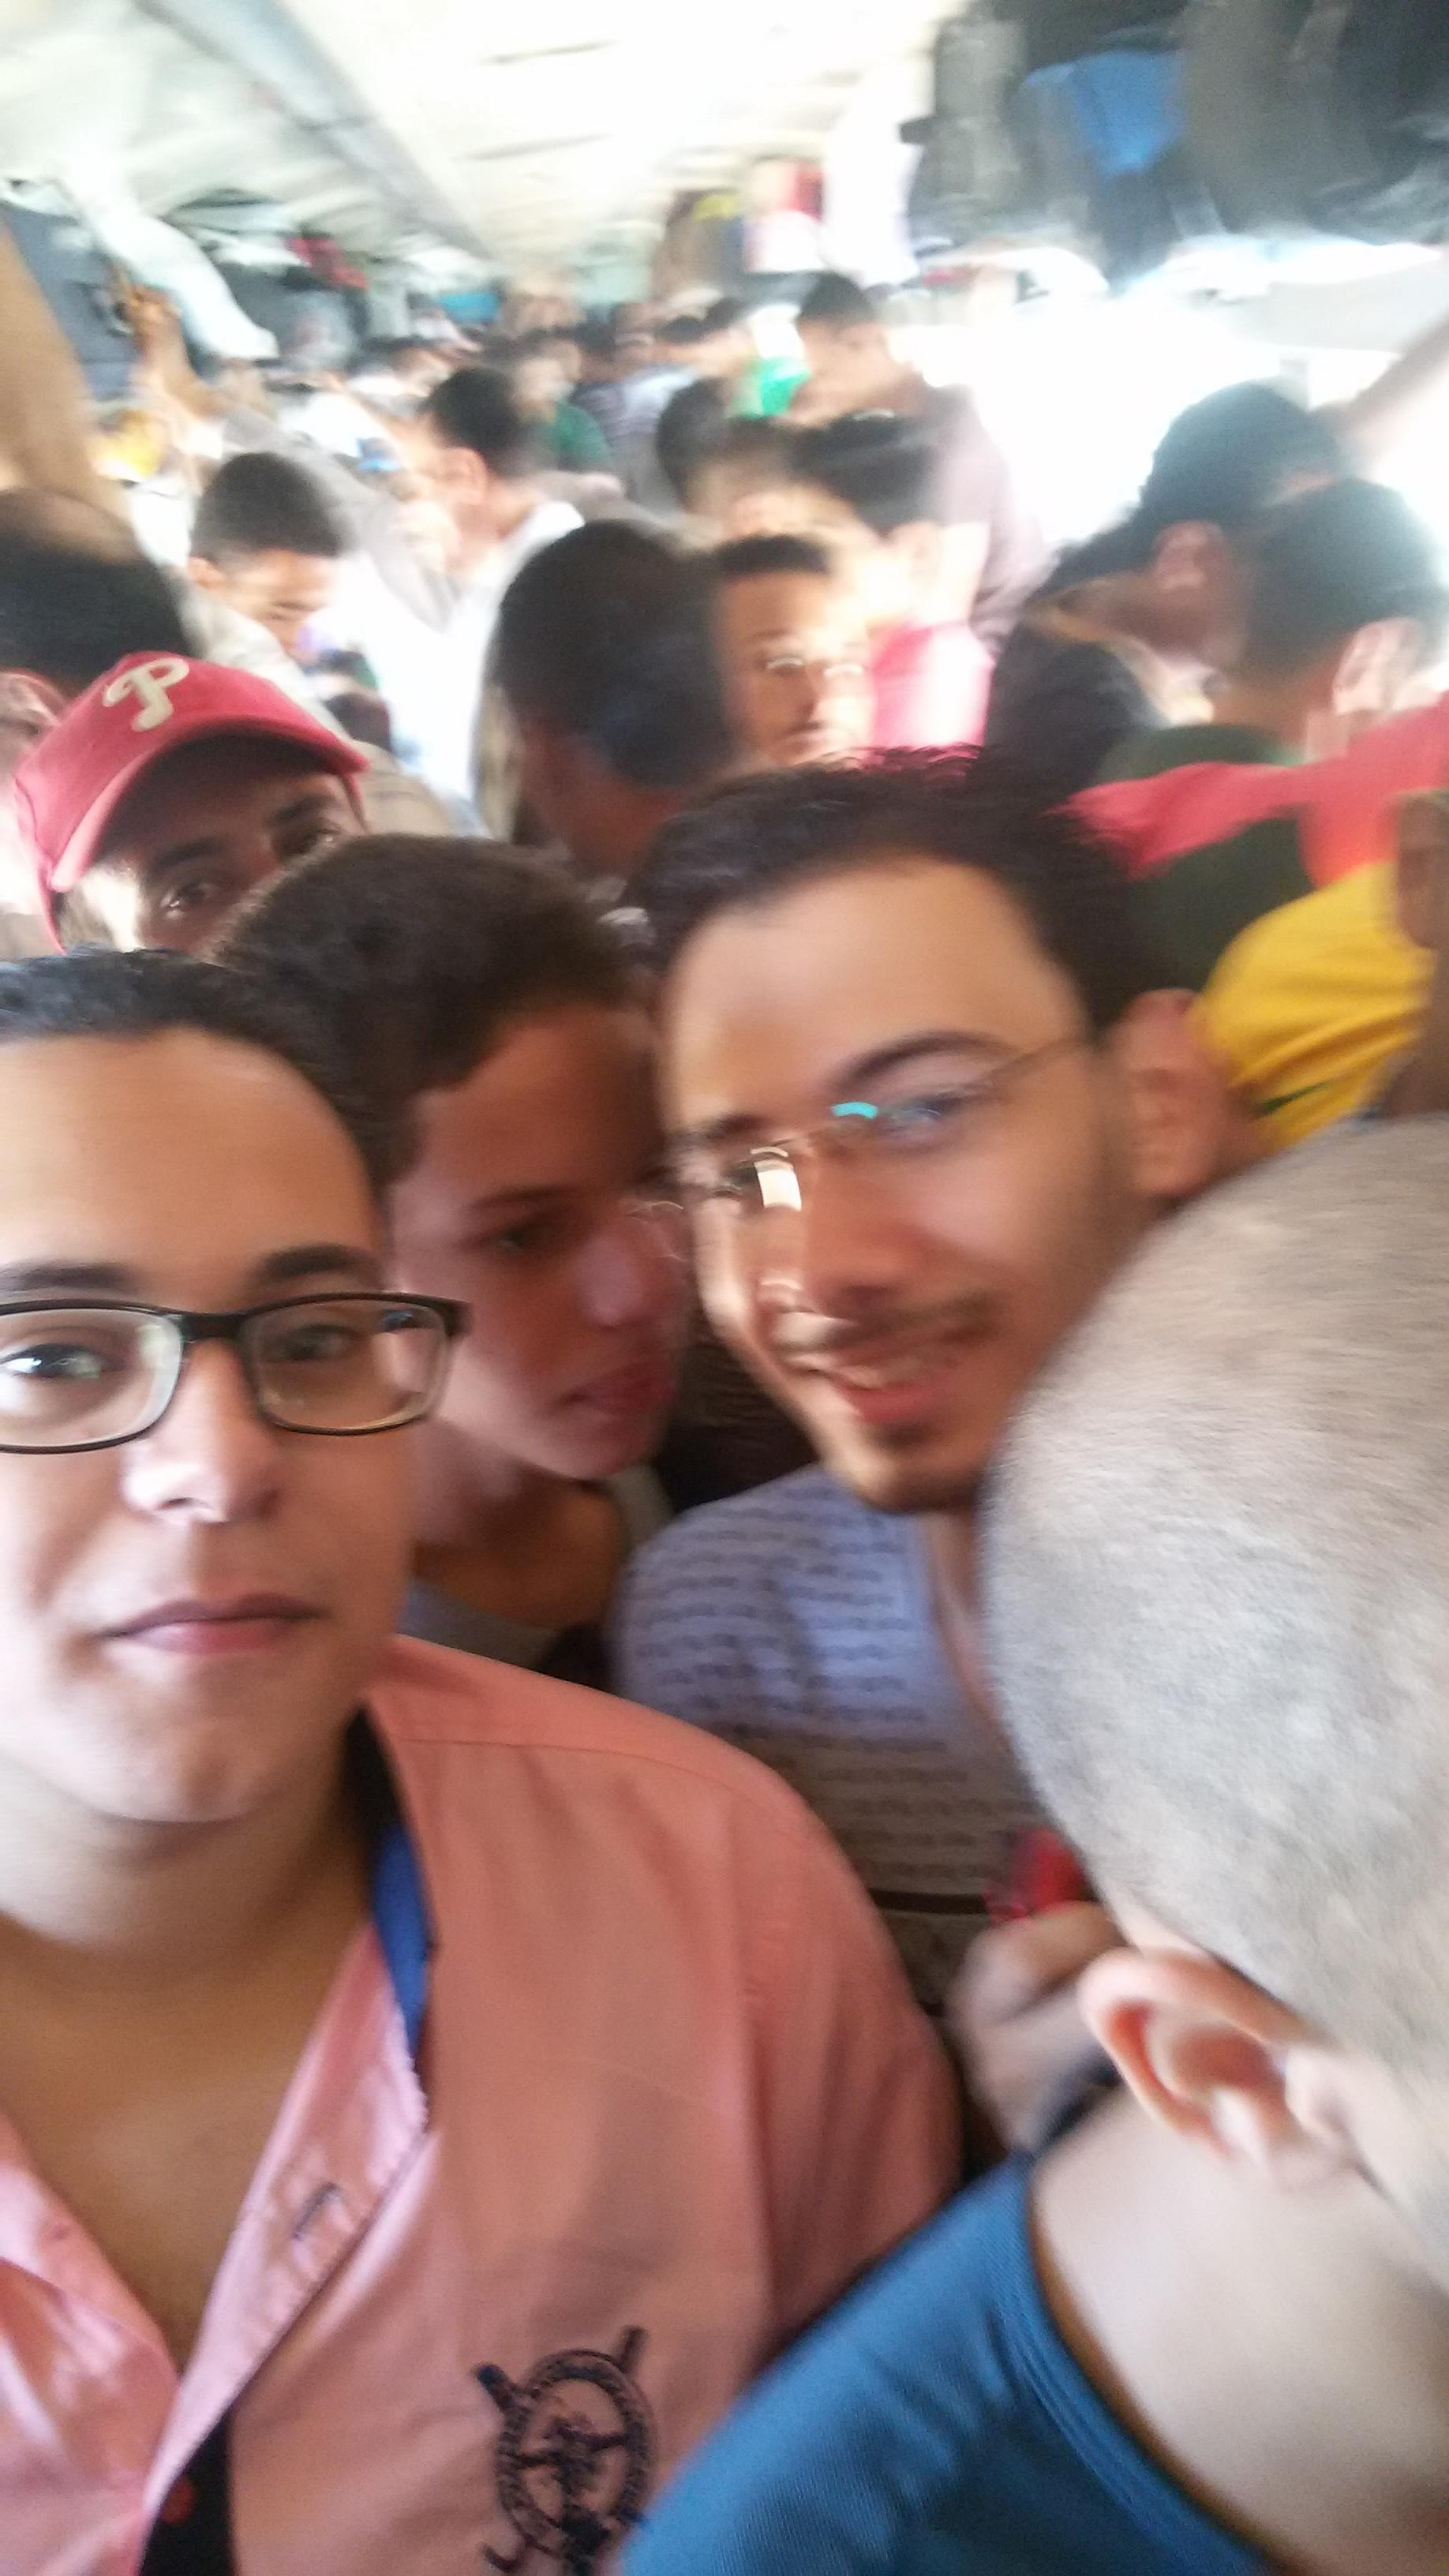 بالصور.. راكب يروي ملامح معاناة أهل الصعيد في «قطارات الغلابة»